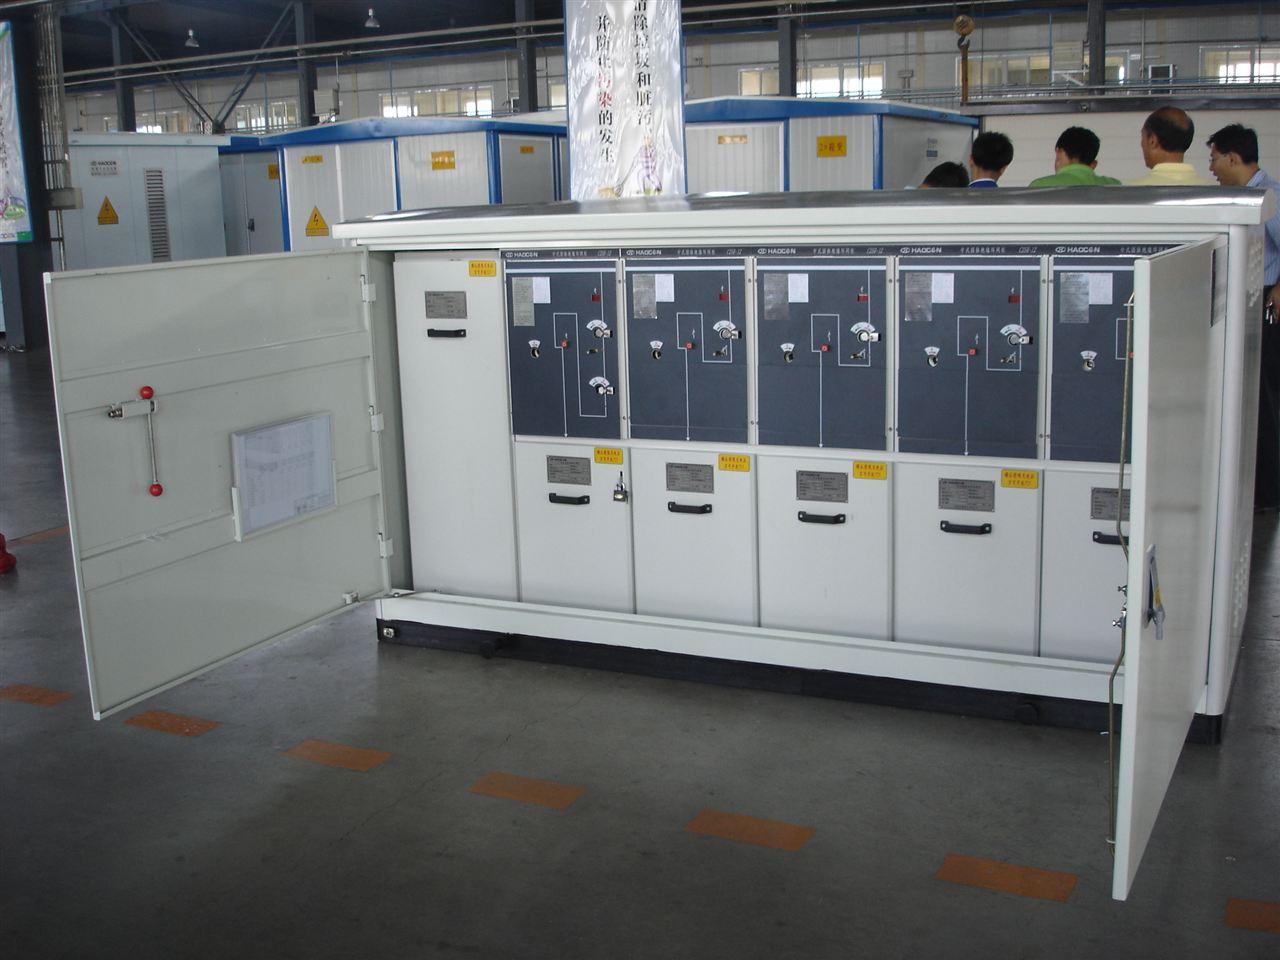 kyn28a-12出线柜,高压计量柜,630kv变压器馈线柜 详细介绍